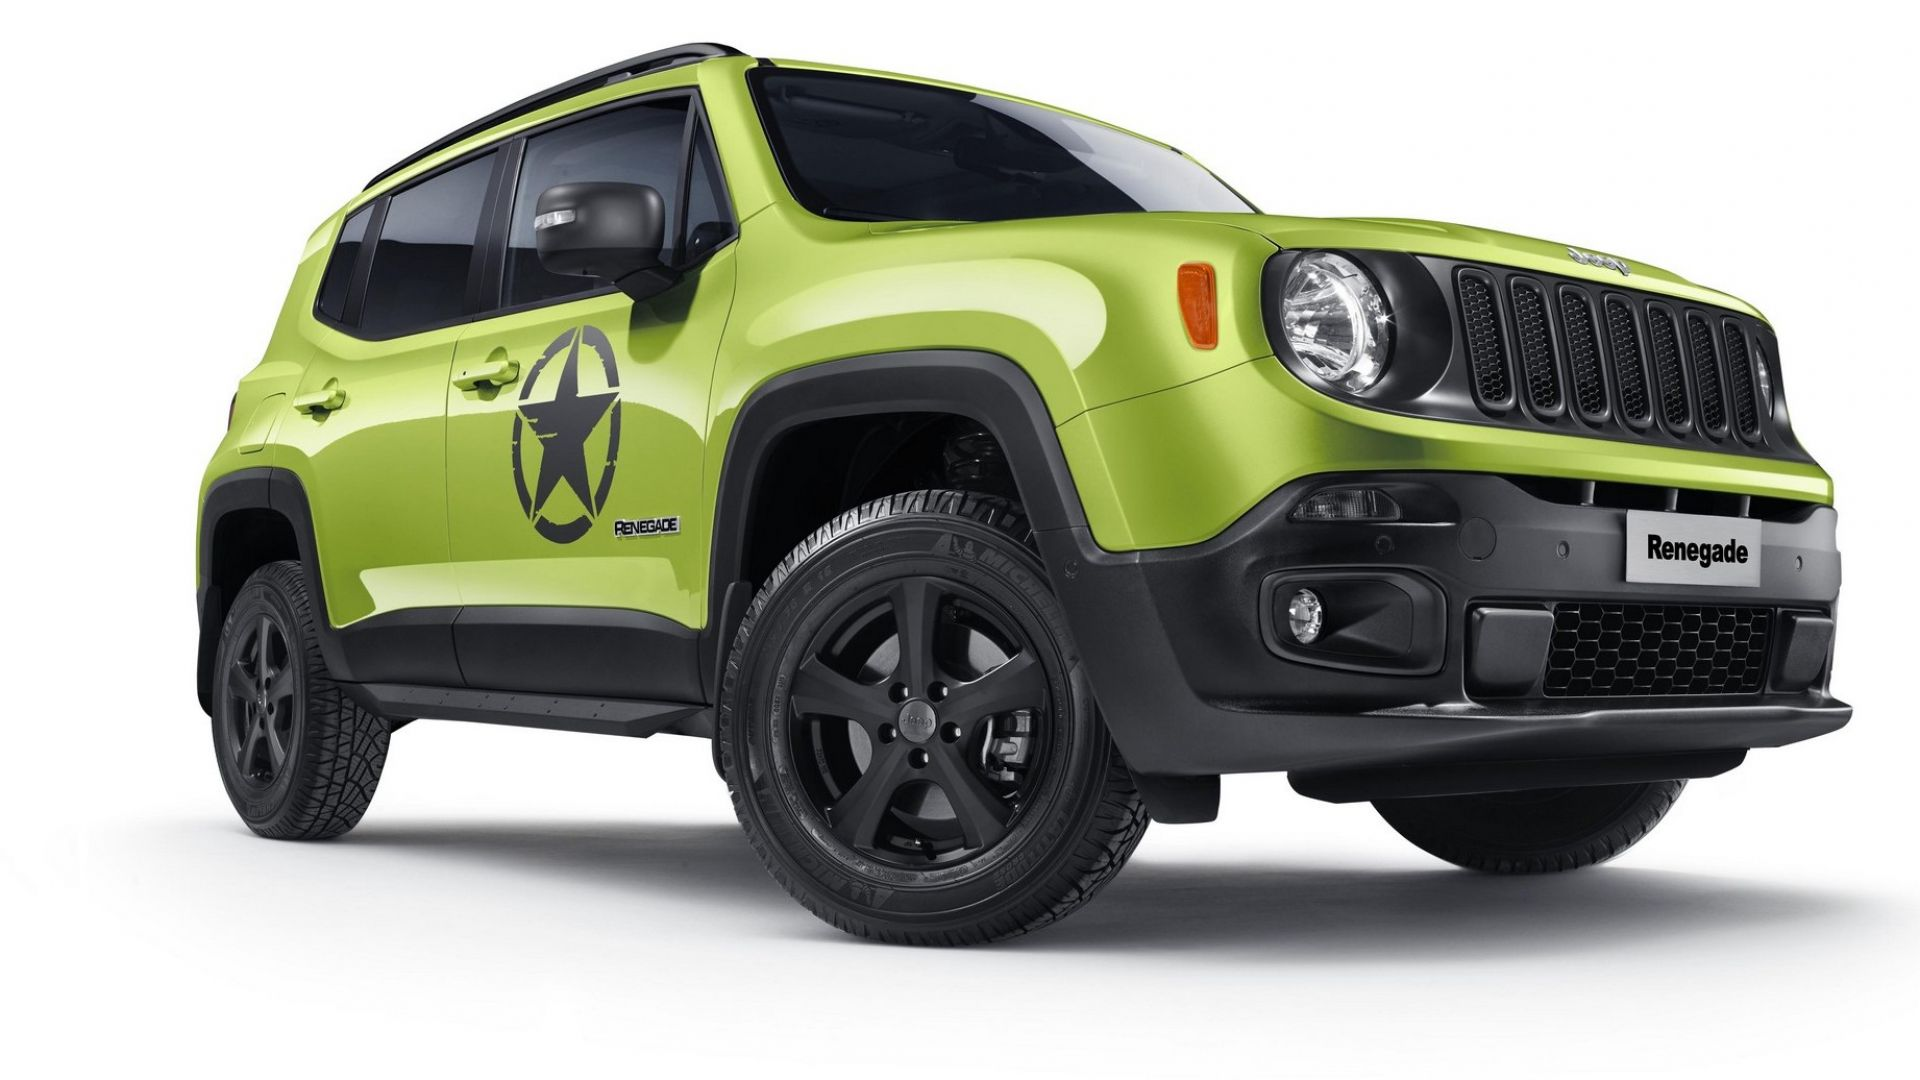 Lift Jeep Renegade >> Jeep Renegade by Mopar: più corazzata al salone di Ginevra 2018 - MotorBox